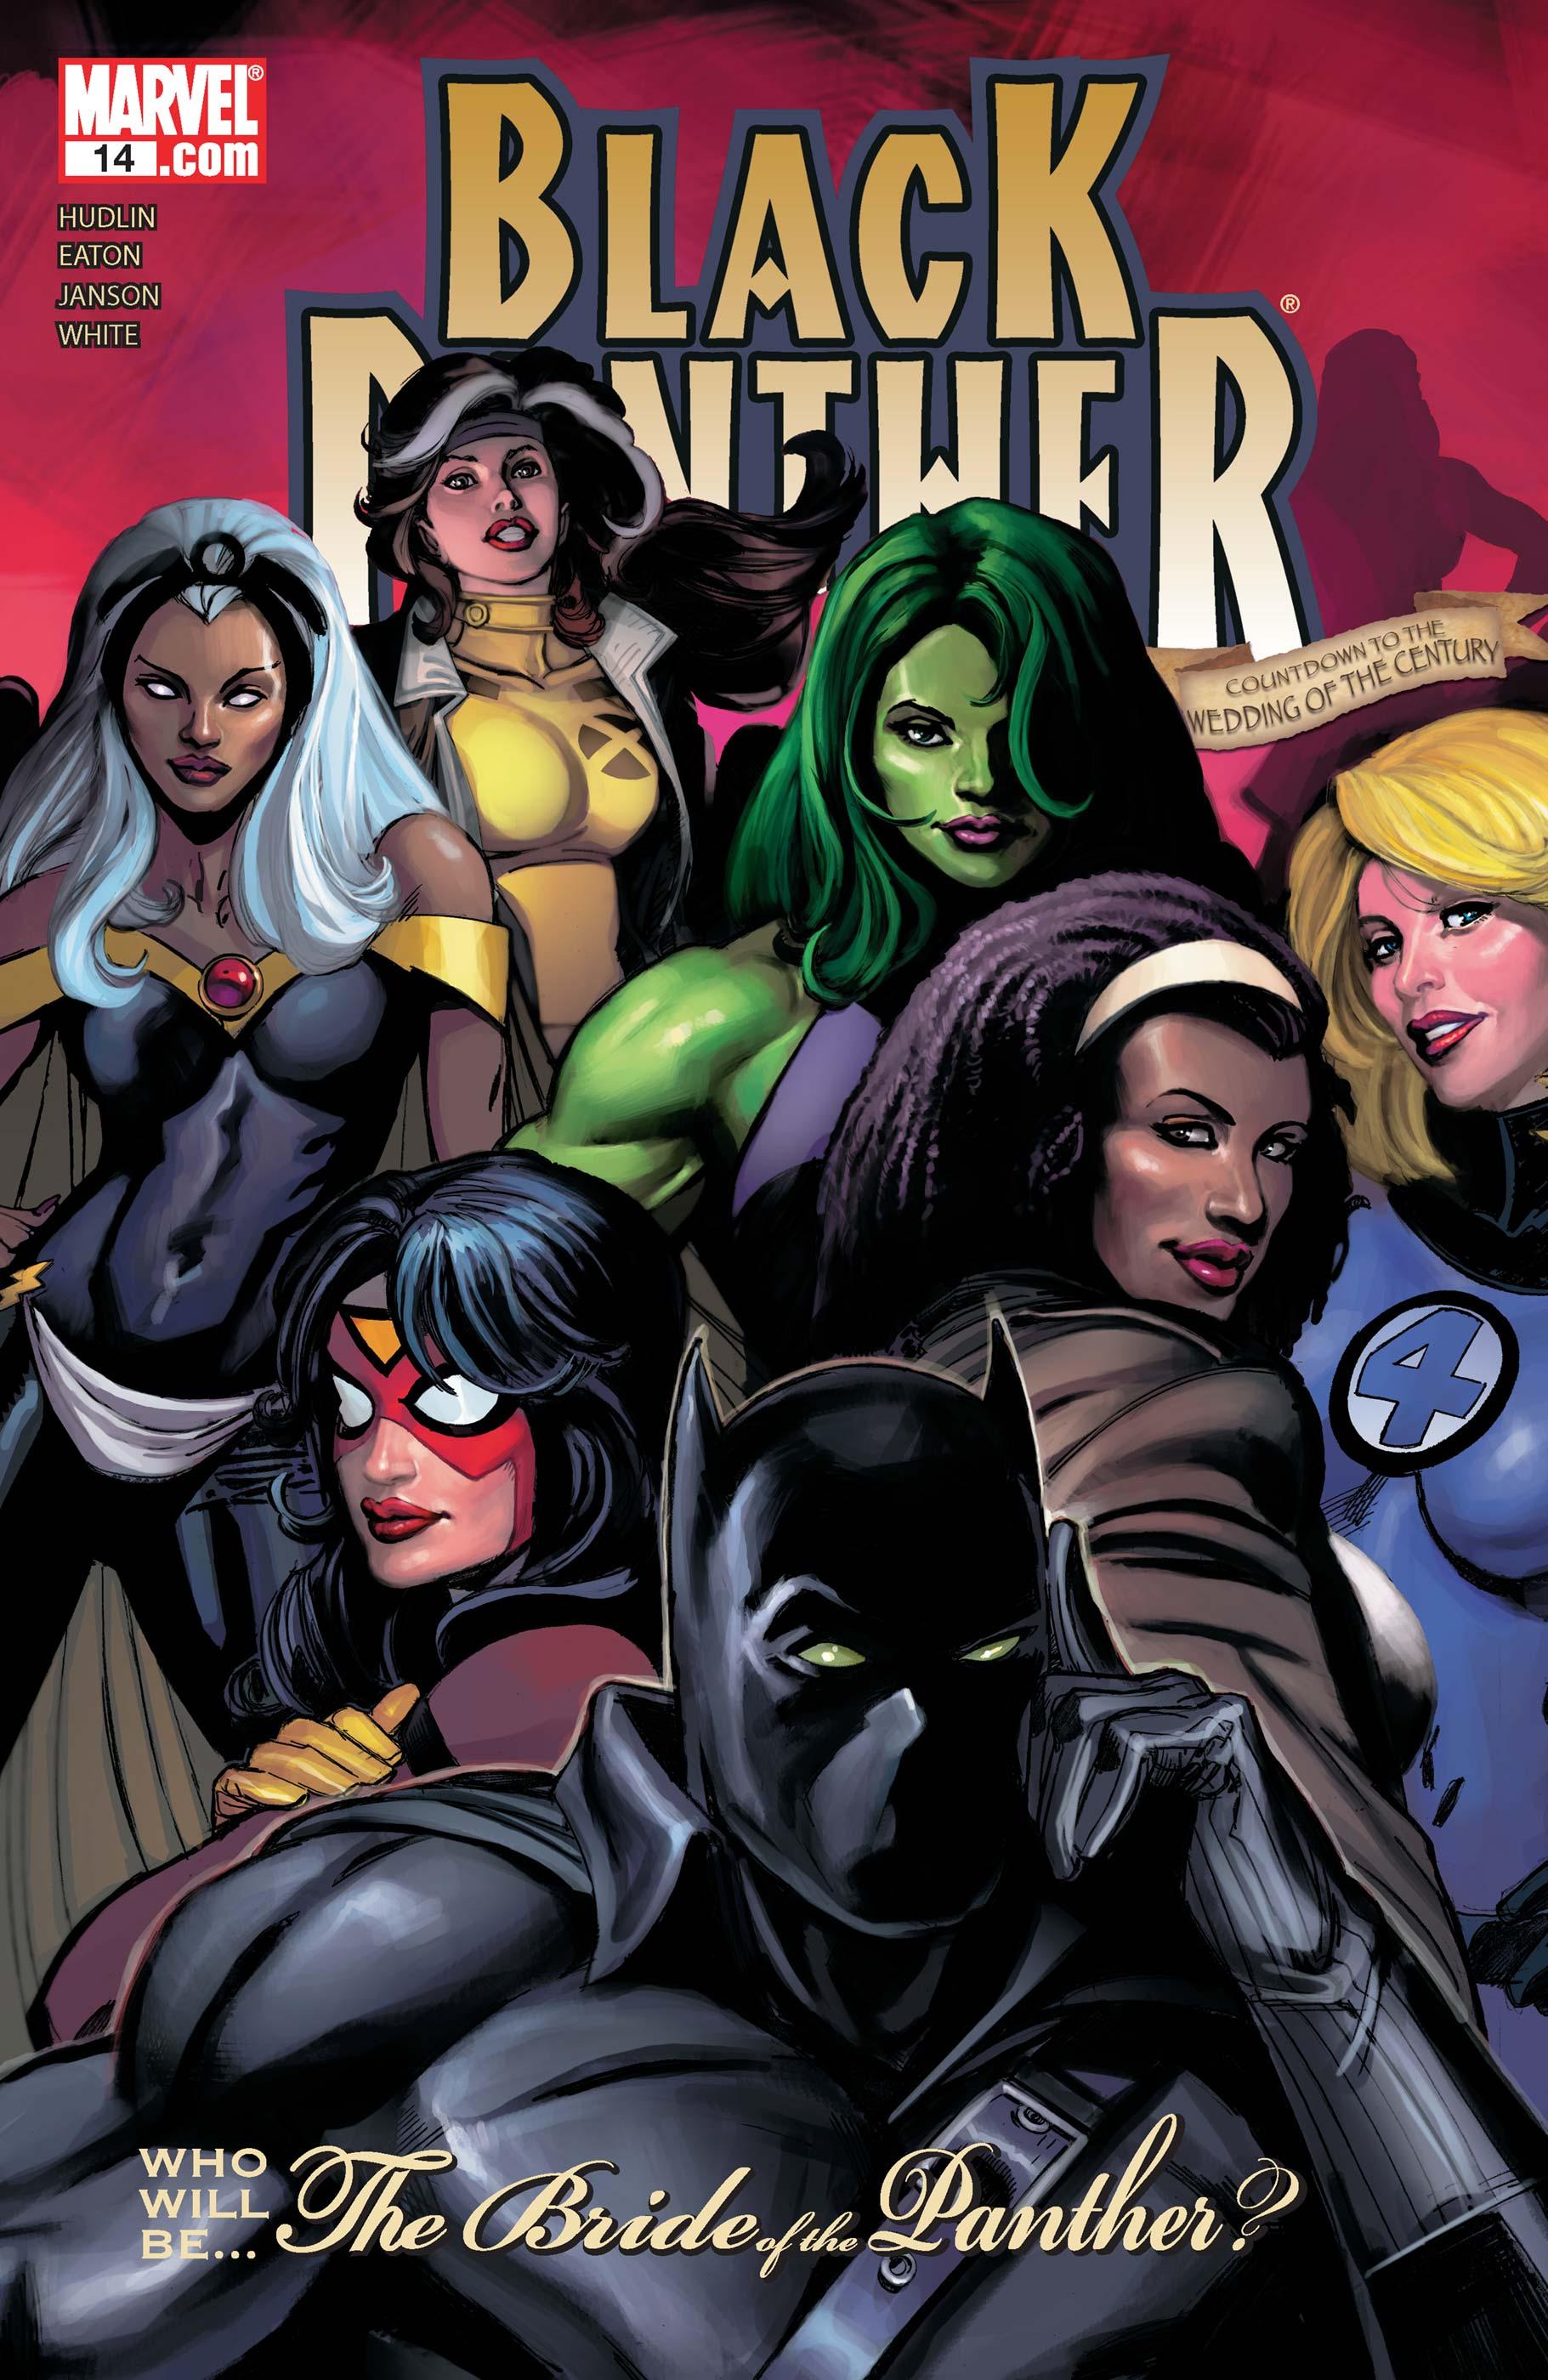 Black Panther (2005) #14